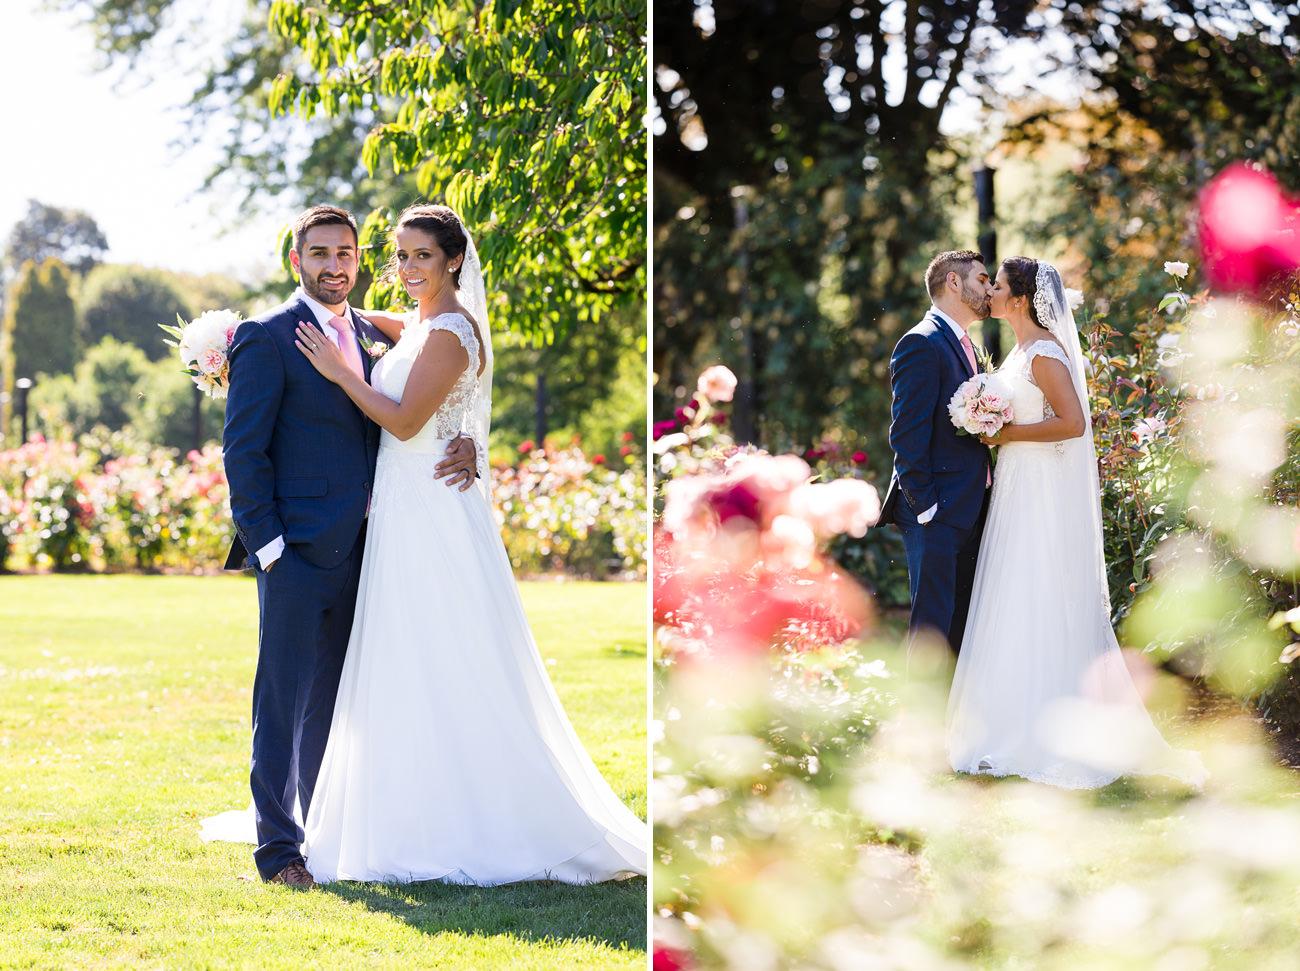 st-marys-catholic-wedding-42 St Marys Catholic Wedding   Eugene Oregon Photographer   Ariana & Chavo